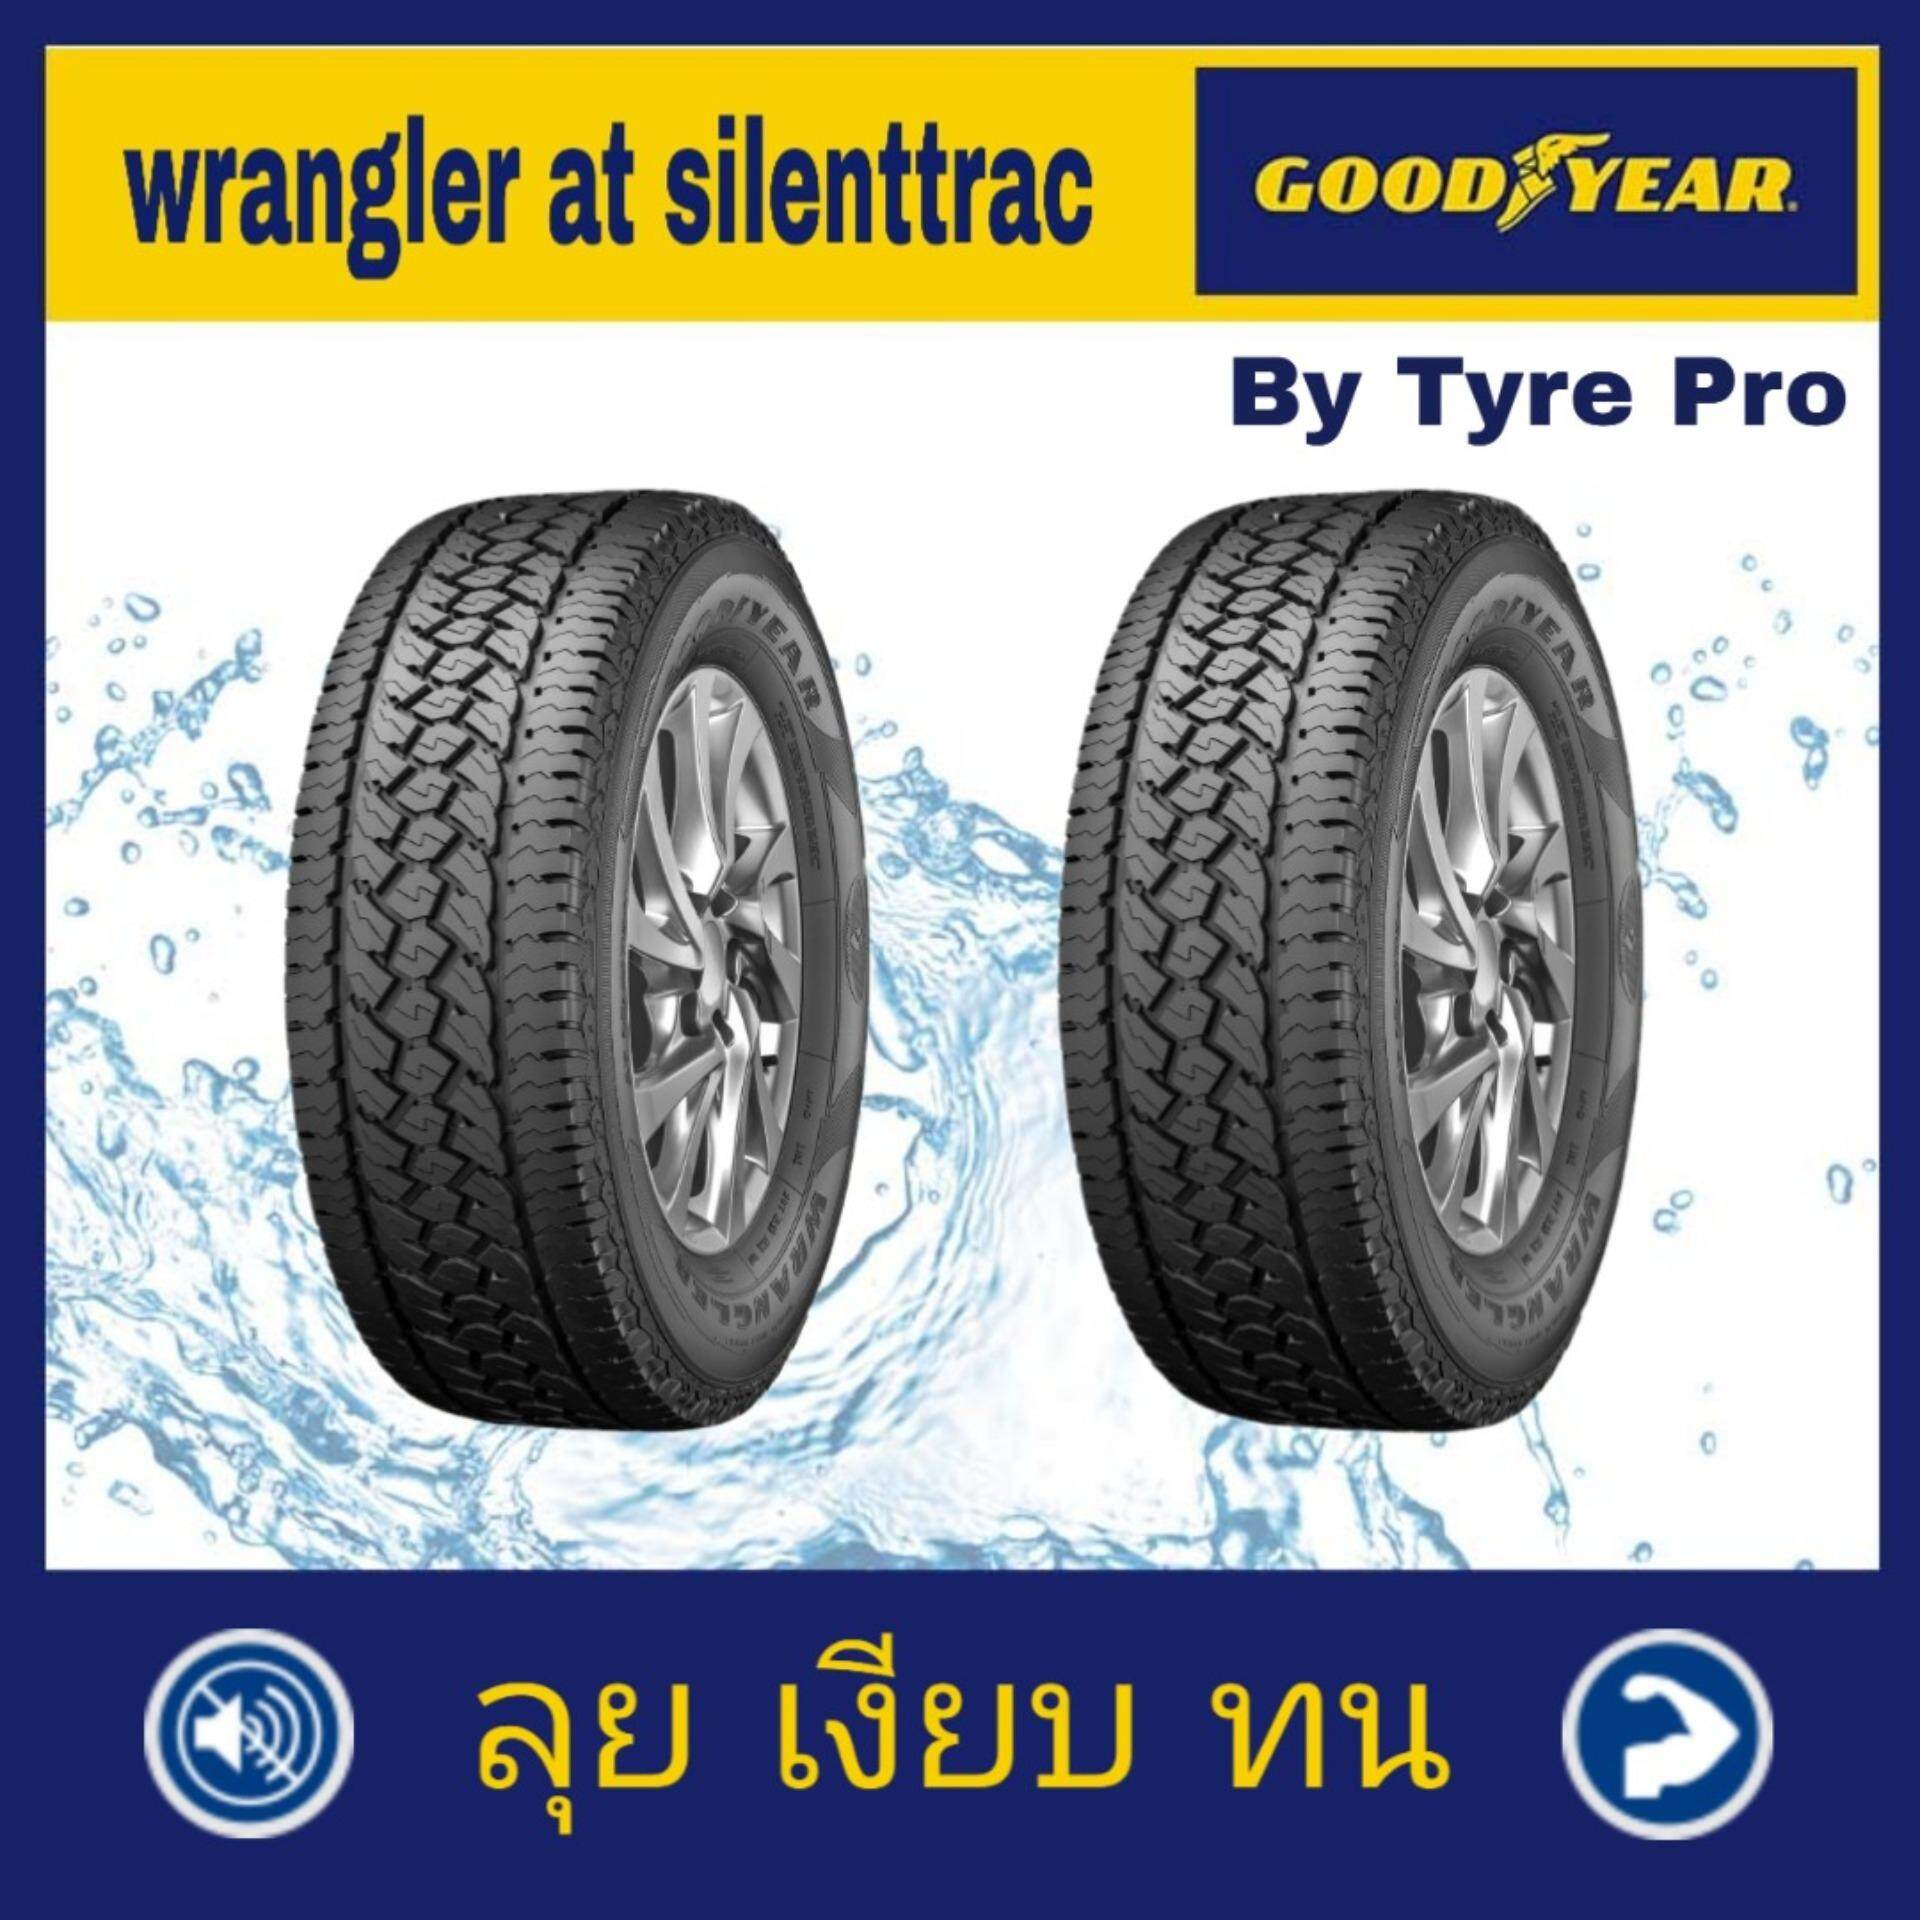 ประกันภัย รถยนต์ ชั้น 3 ราคา ถูก กระบี่ Goodyear ยางรถยนต์ขอบ15  225/70R15 รุ่น WRANGLER AT SILENTTRAC (2 เส้น)